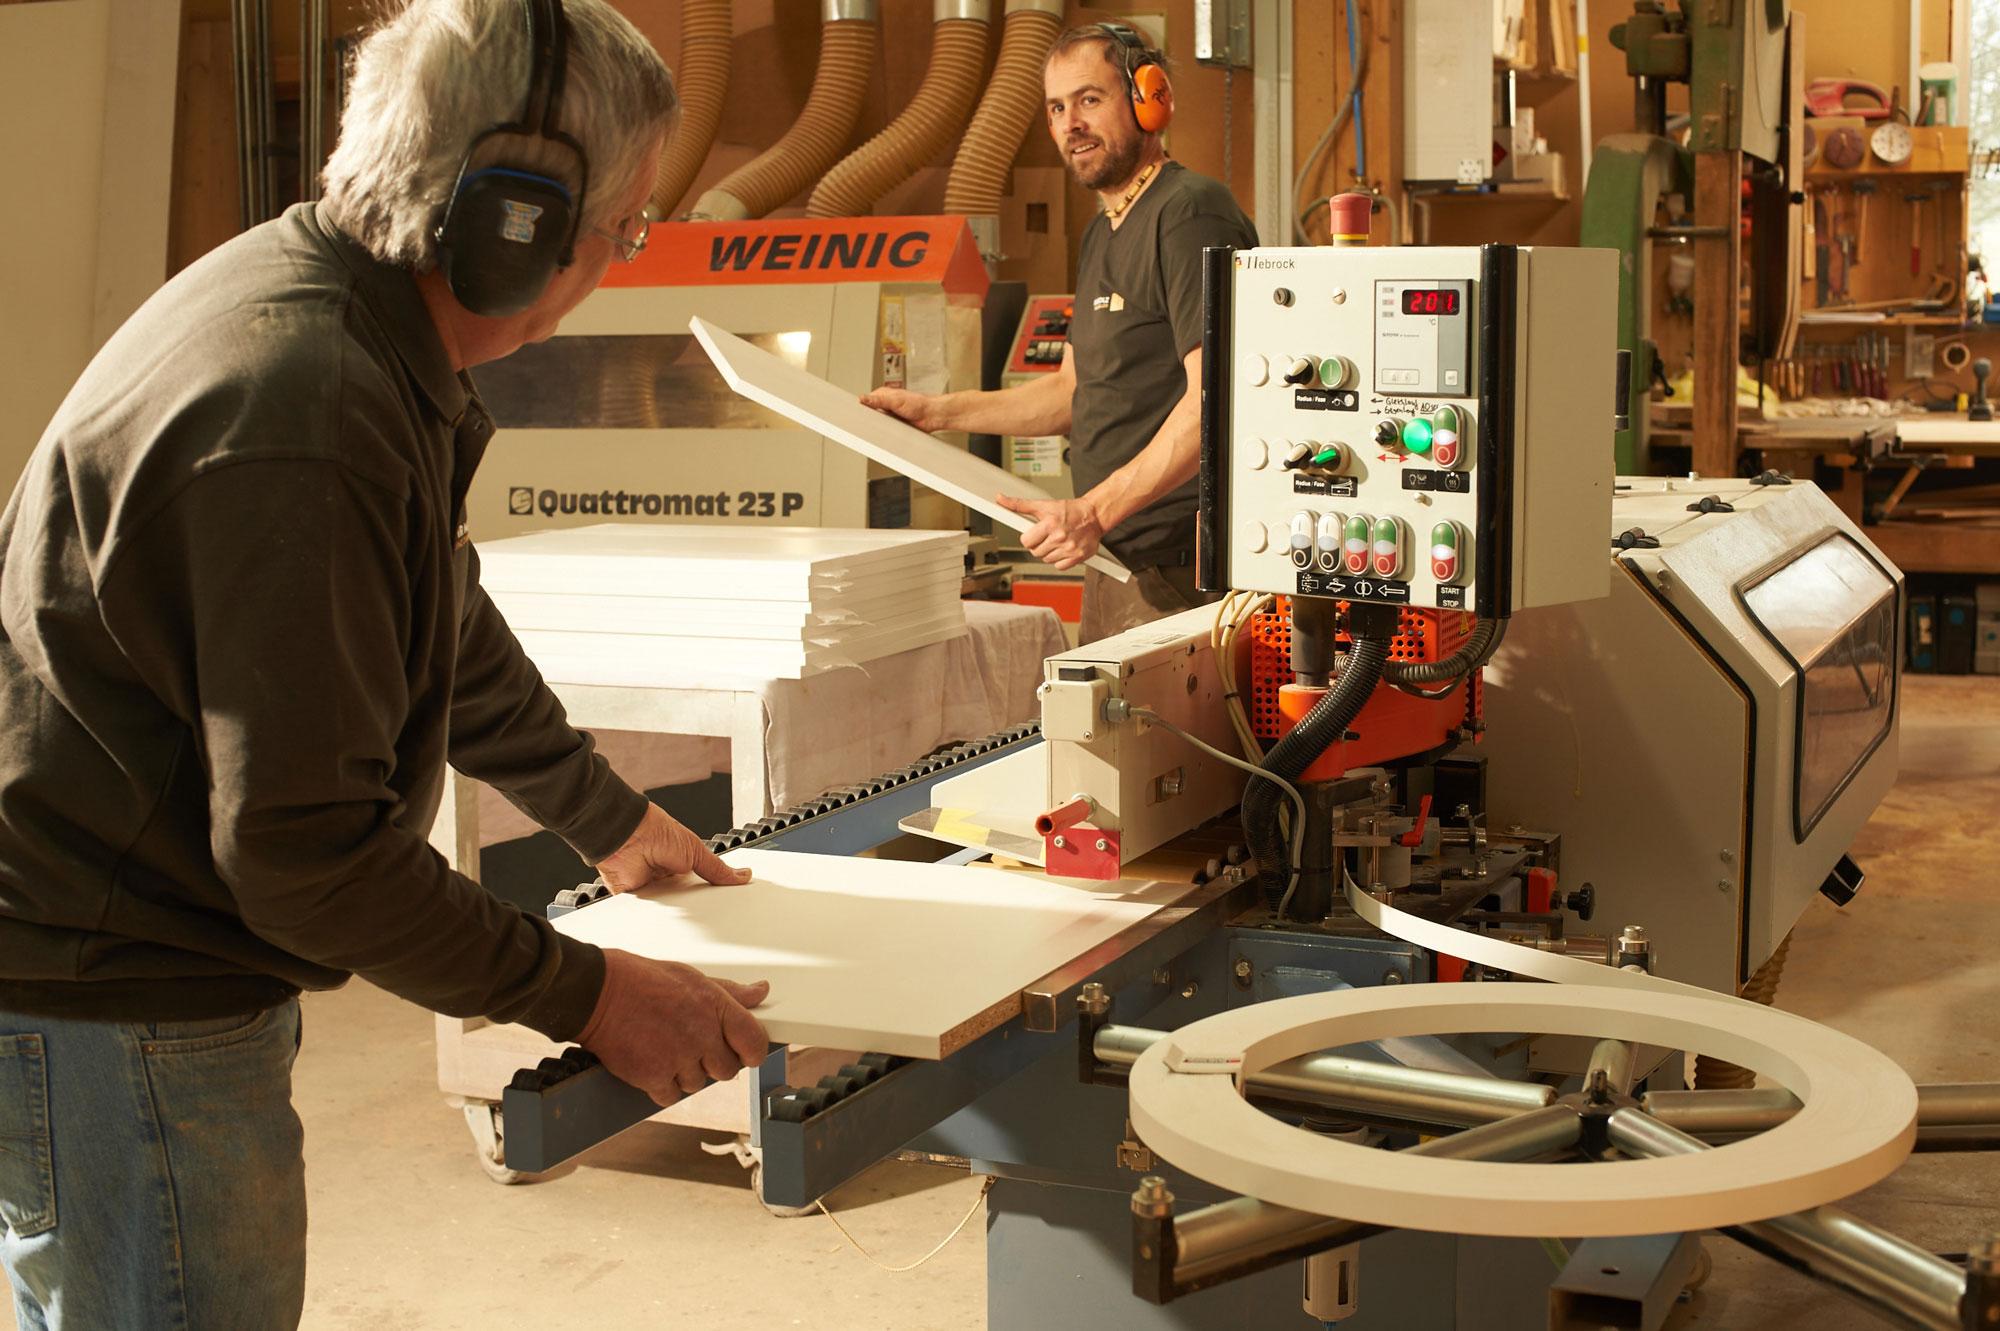 Unsere Werkstatt ist vollumfassend ausgestattet - von der klassischen Werkbank bis zur modernen CNC-Fräse